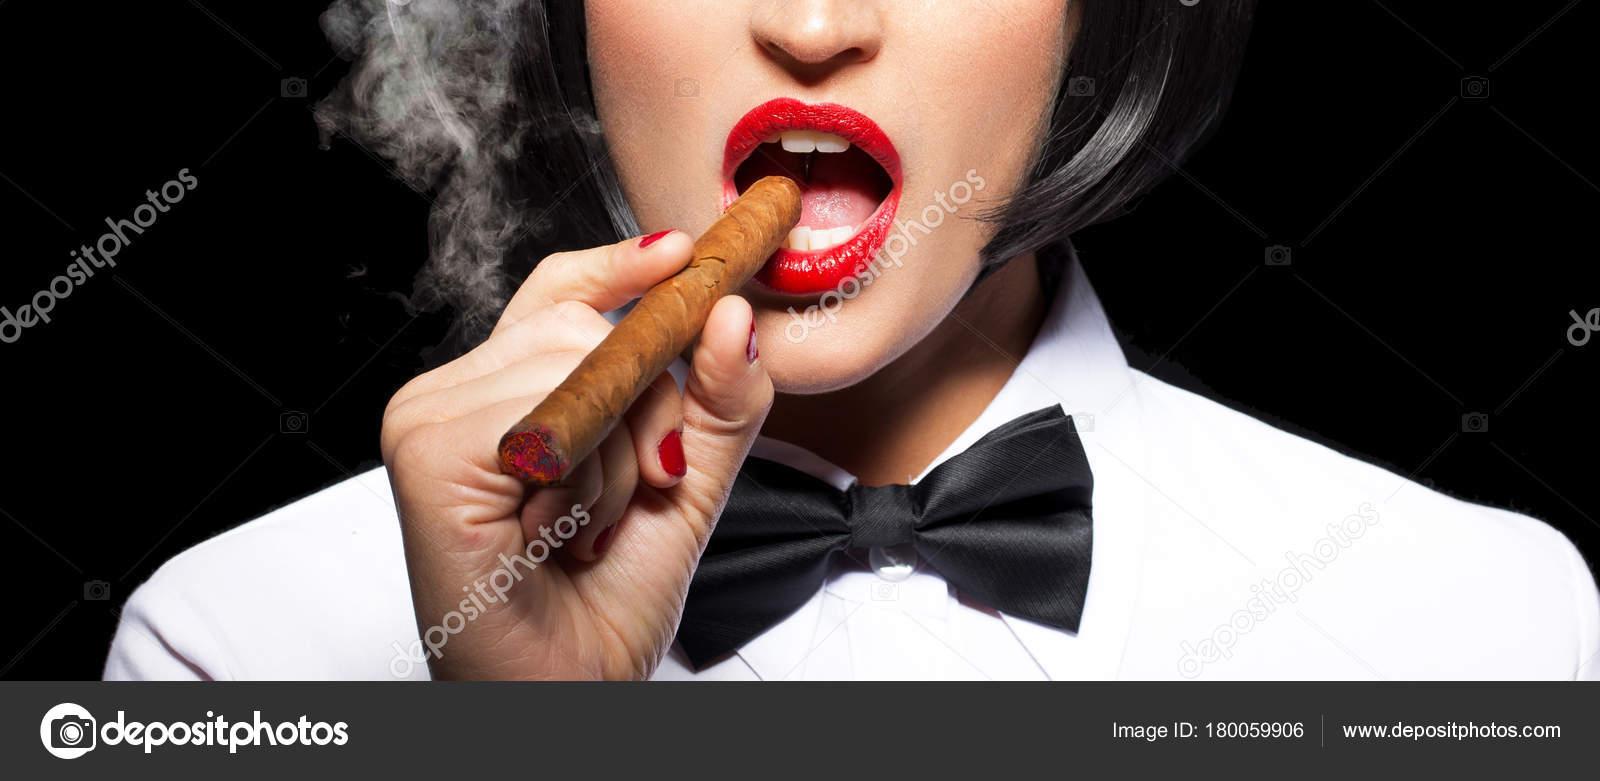 kouření krásné rty